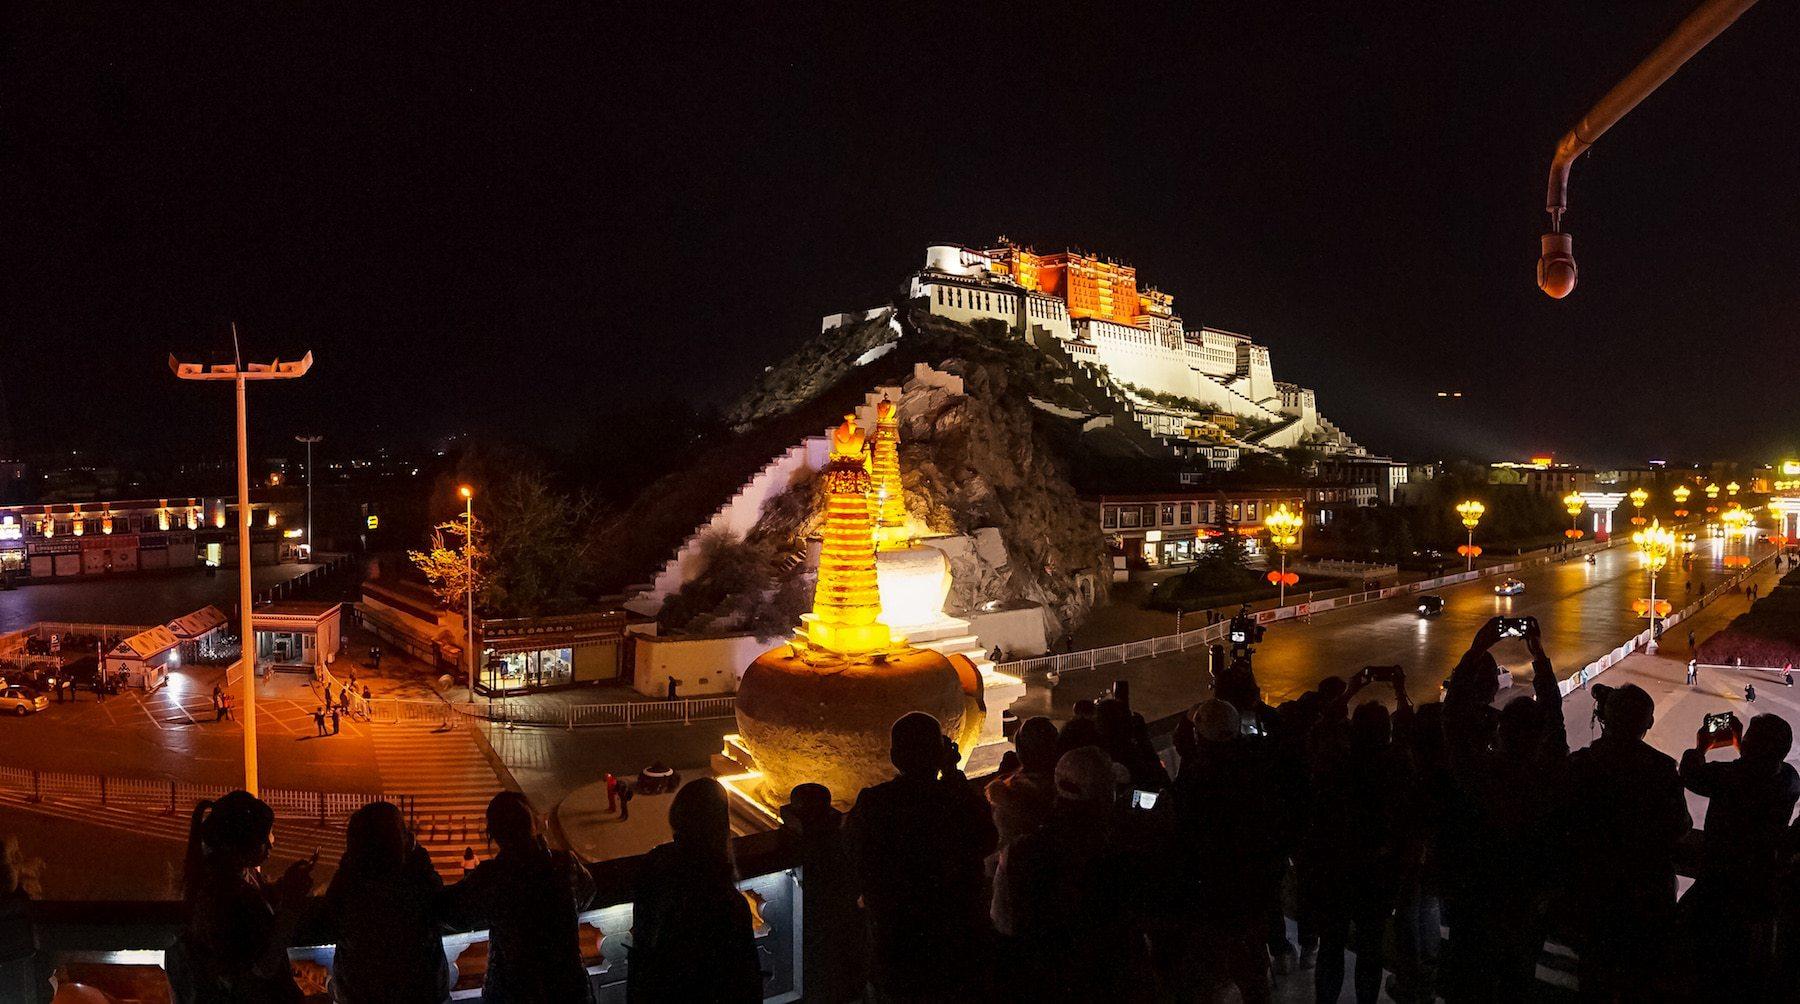 altitude sickness in Tibet